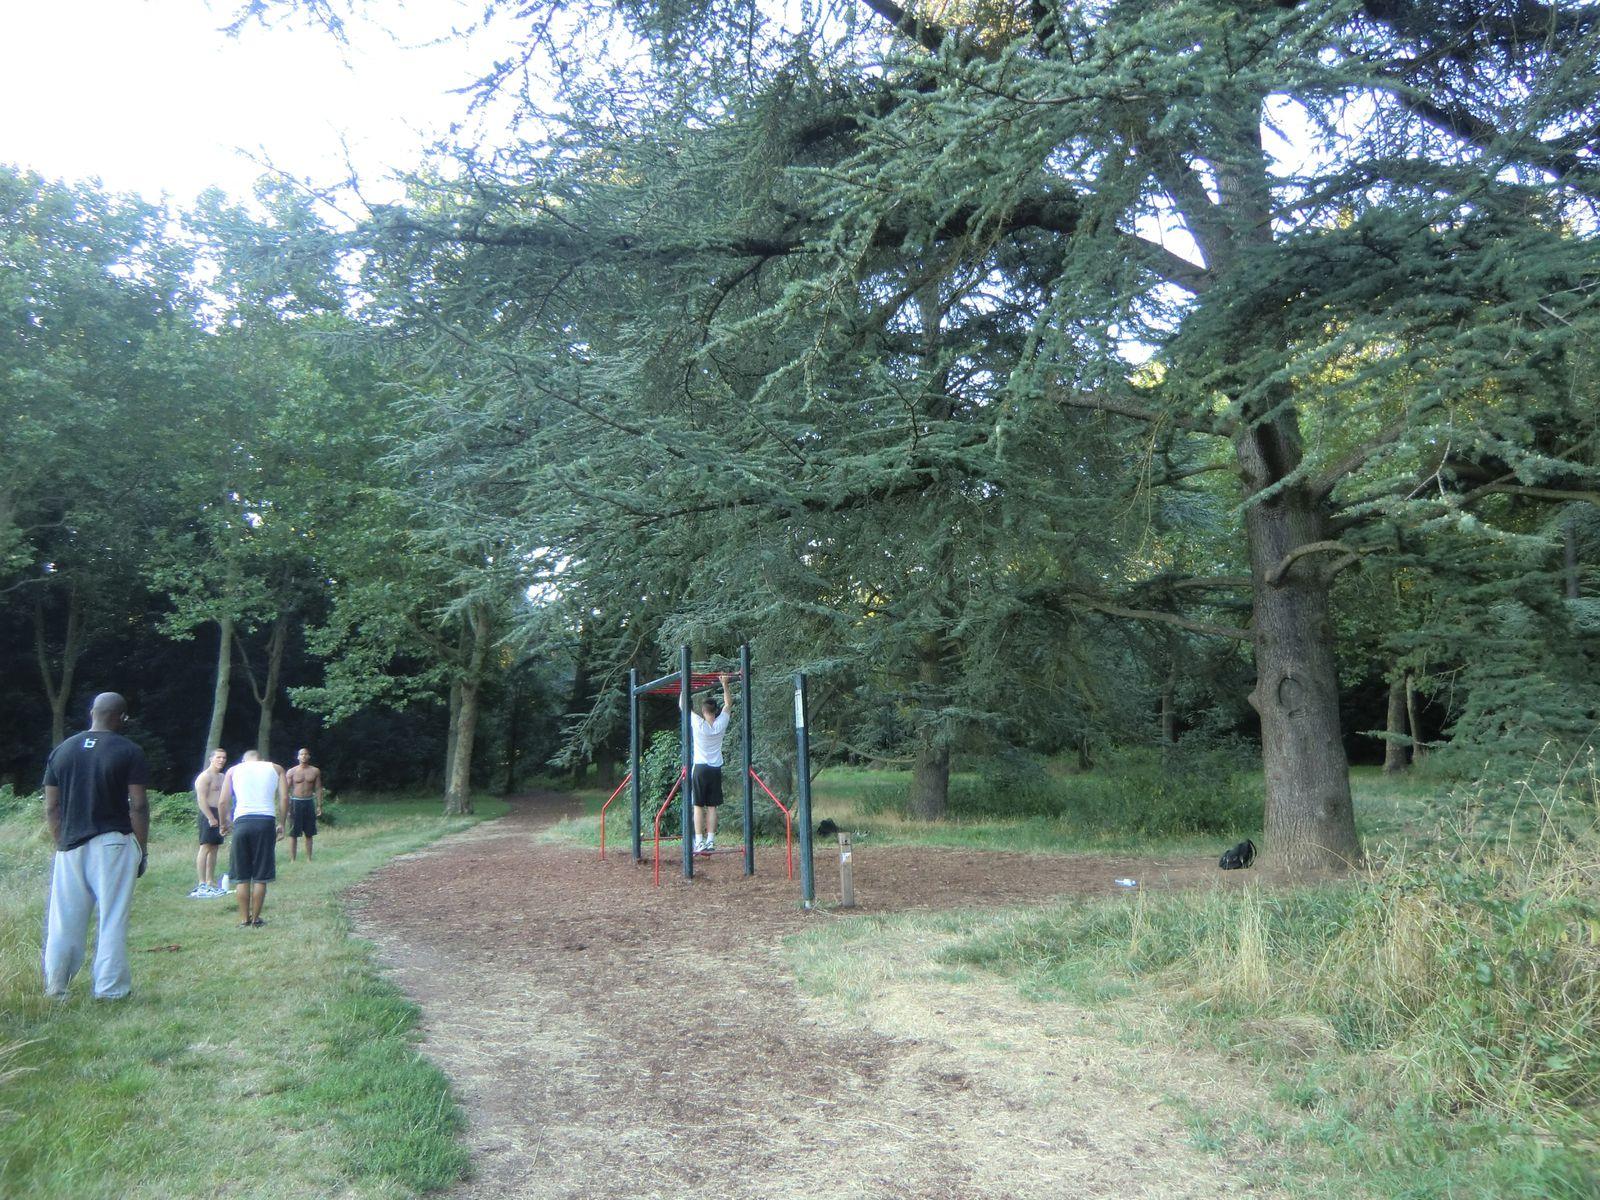 Je quitte le Mémorial et je croise un parcours de santé dans le parc